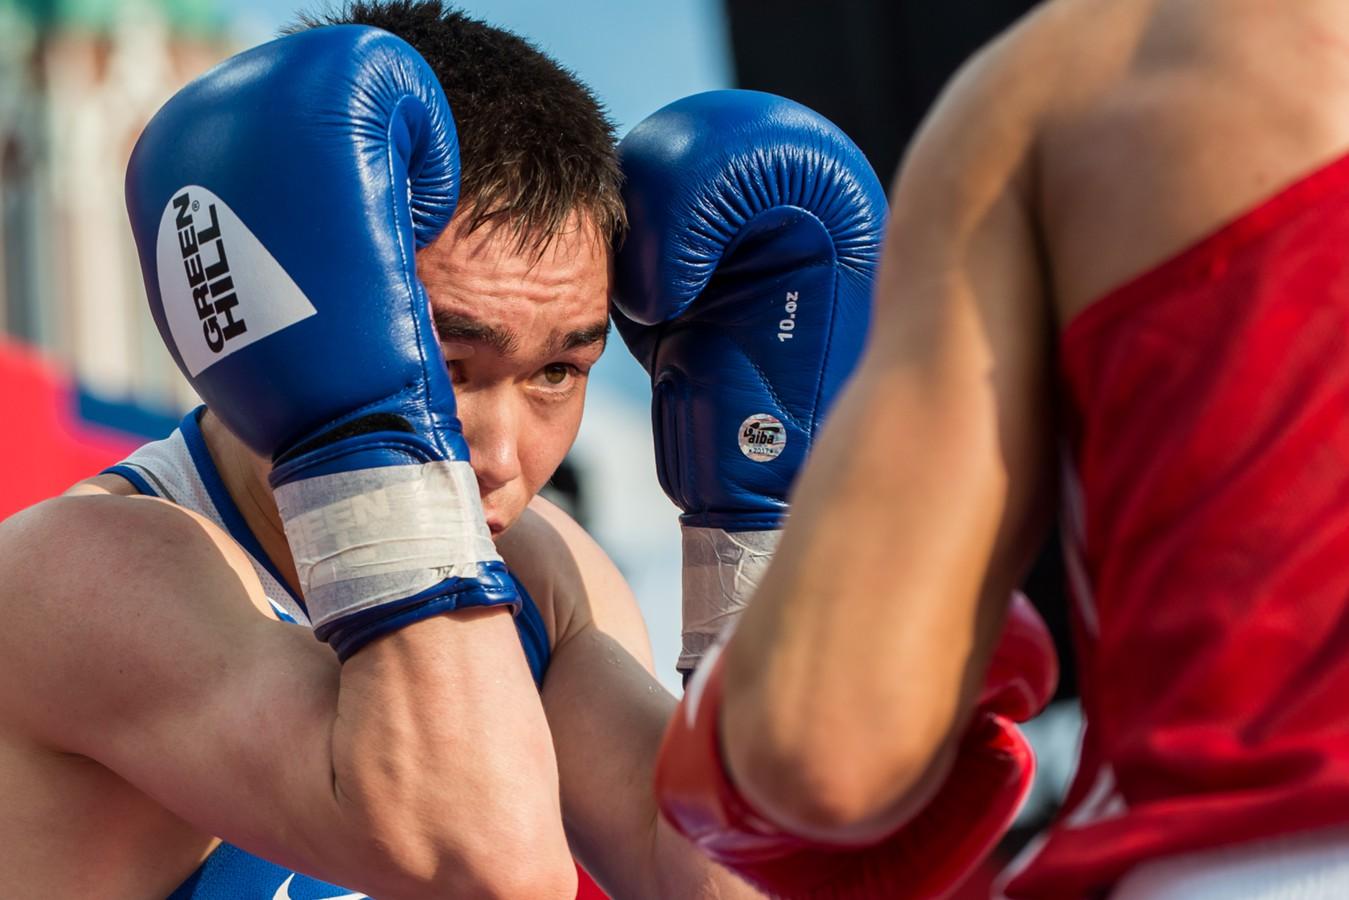 Василий Егоров прорвался в финал чемпионата России по боксу